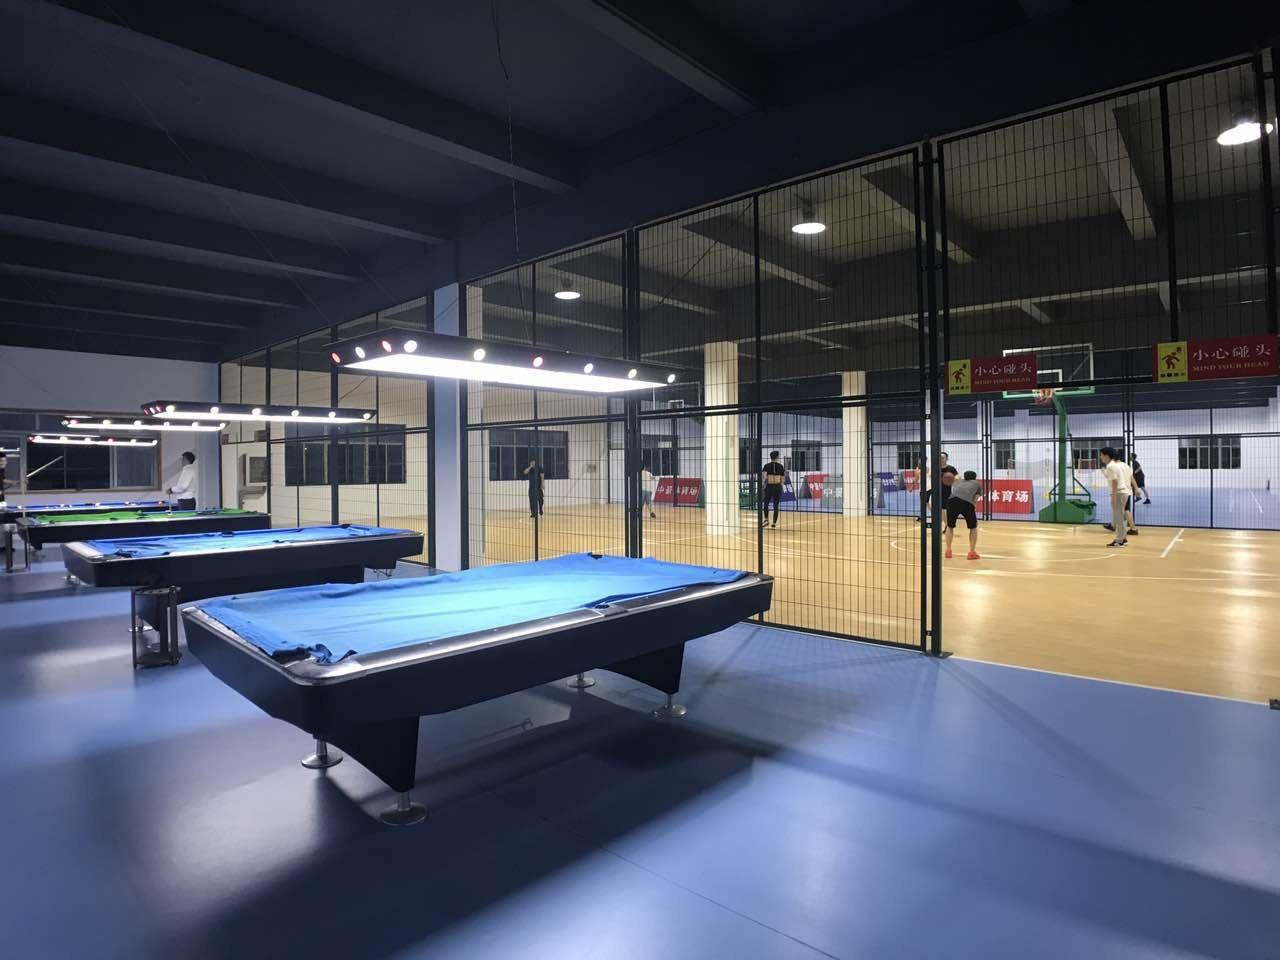 【上海篮球枪手羽毛球乒乓球中景体育场】四个火桌球射击馆图片